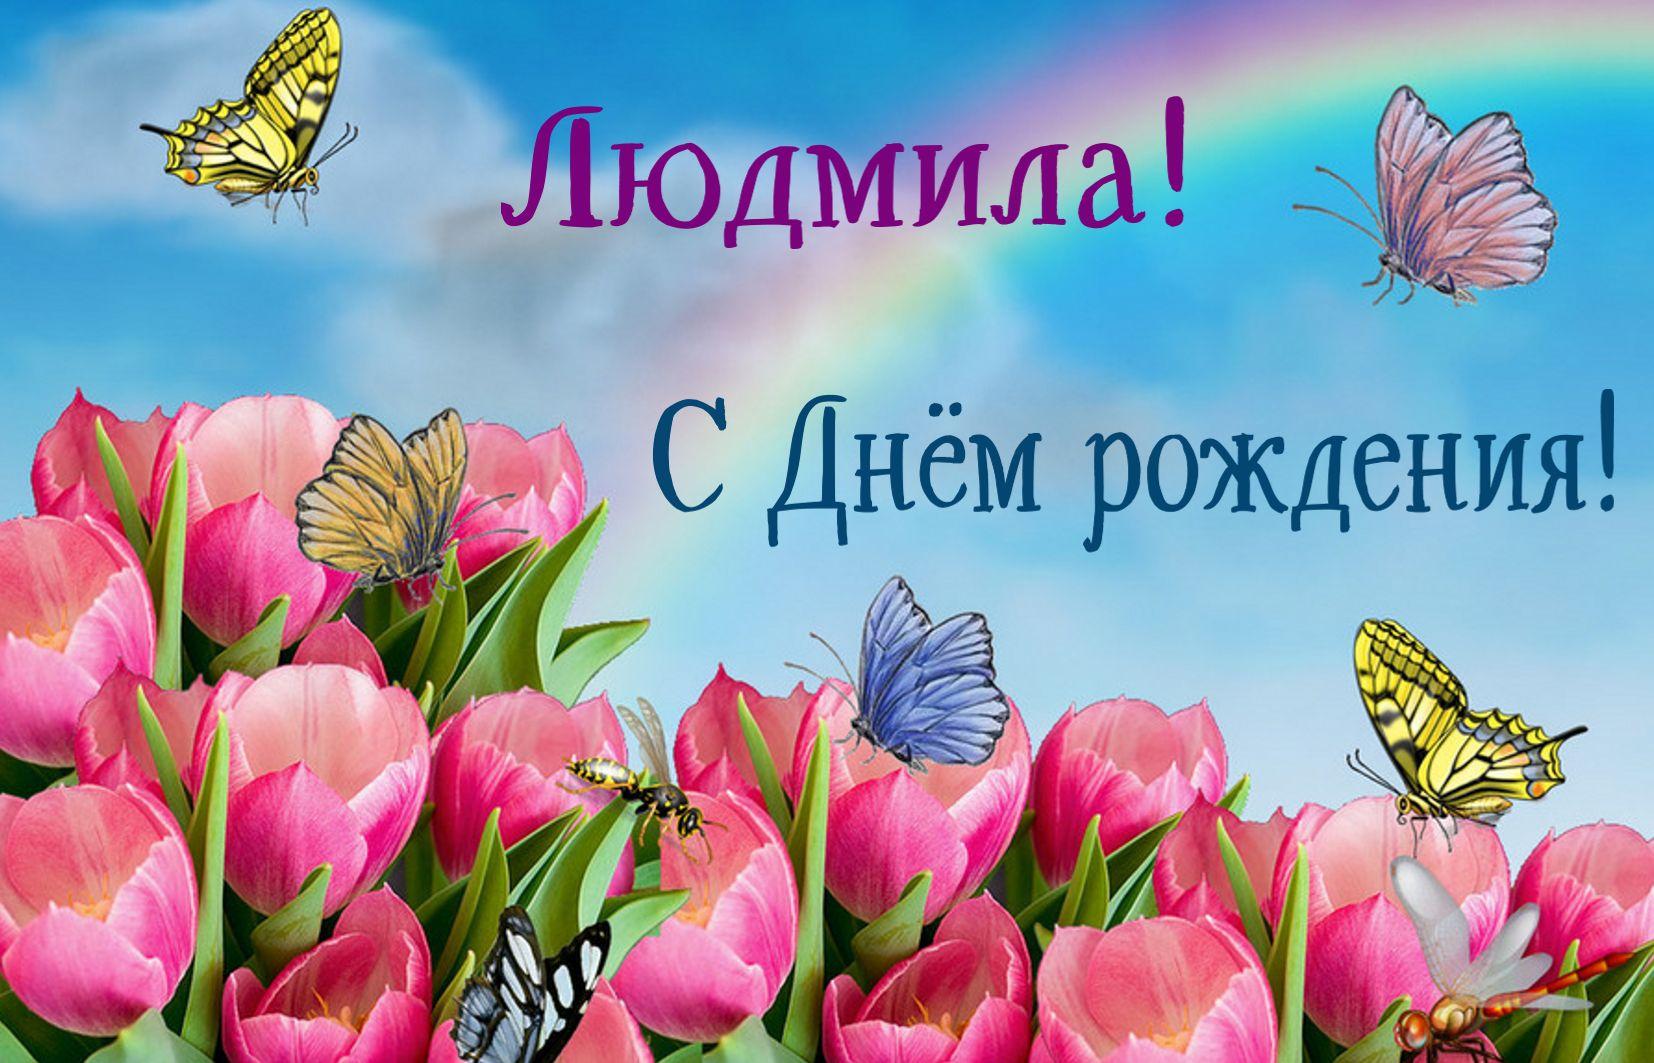 Открытка на День рождения Людмиле - порхающие над тюльпанами бабочки